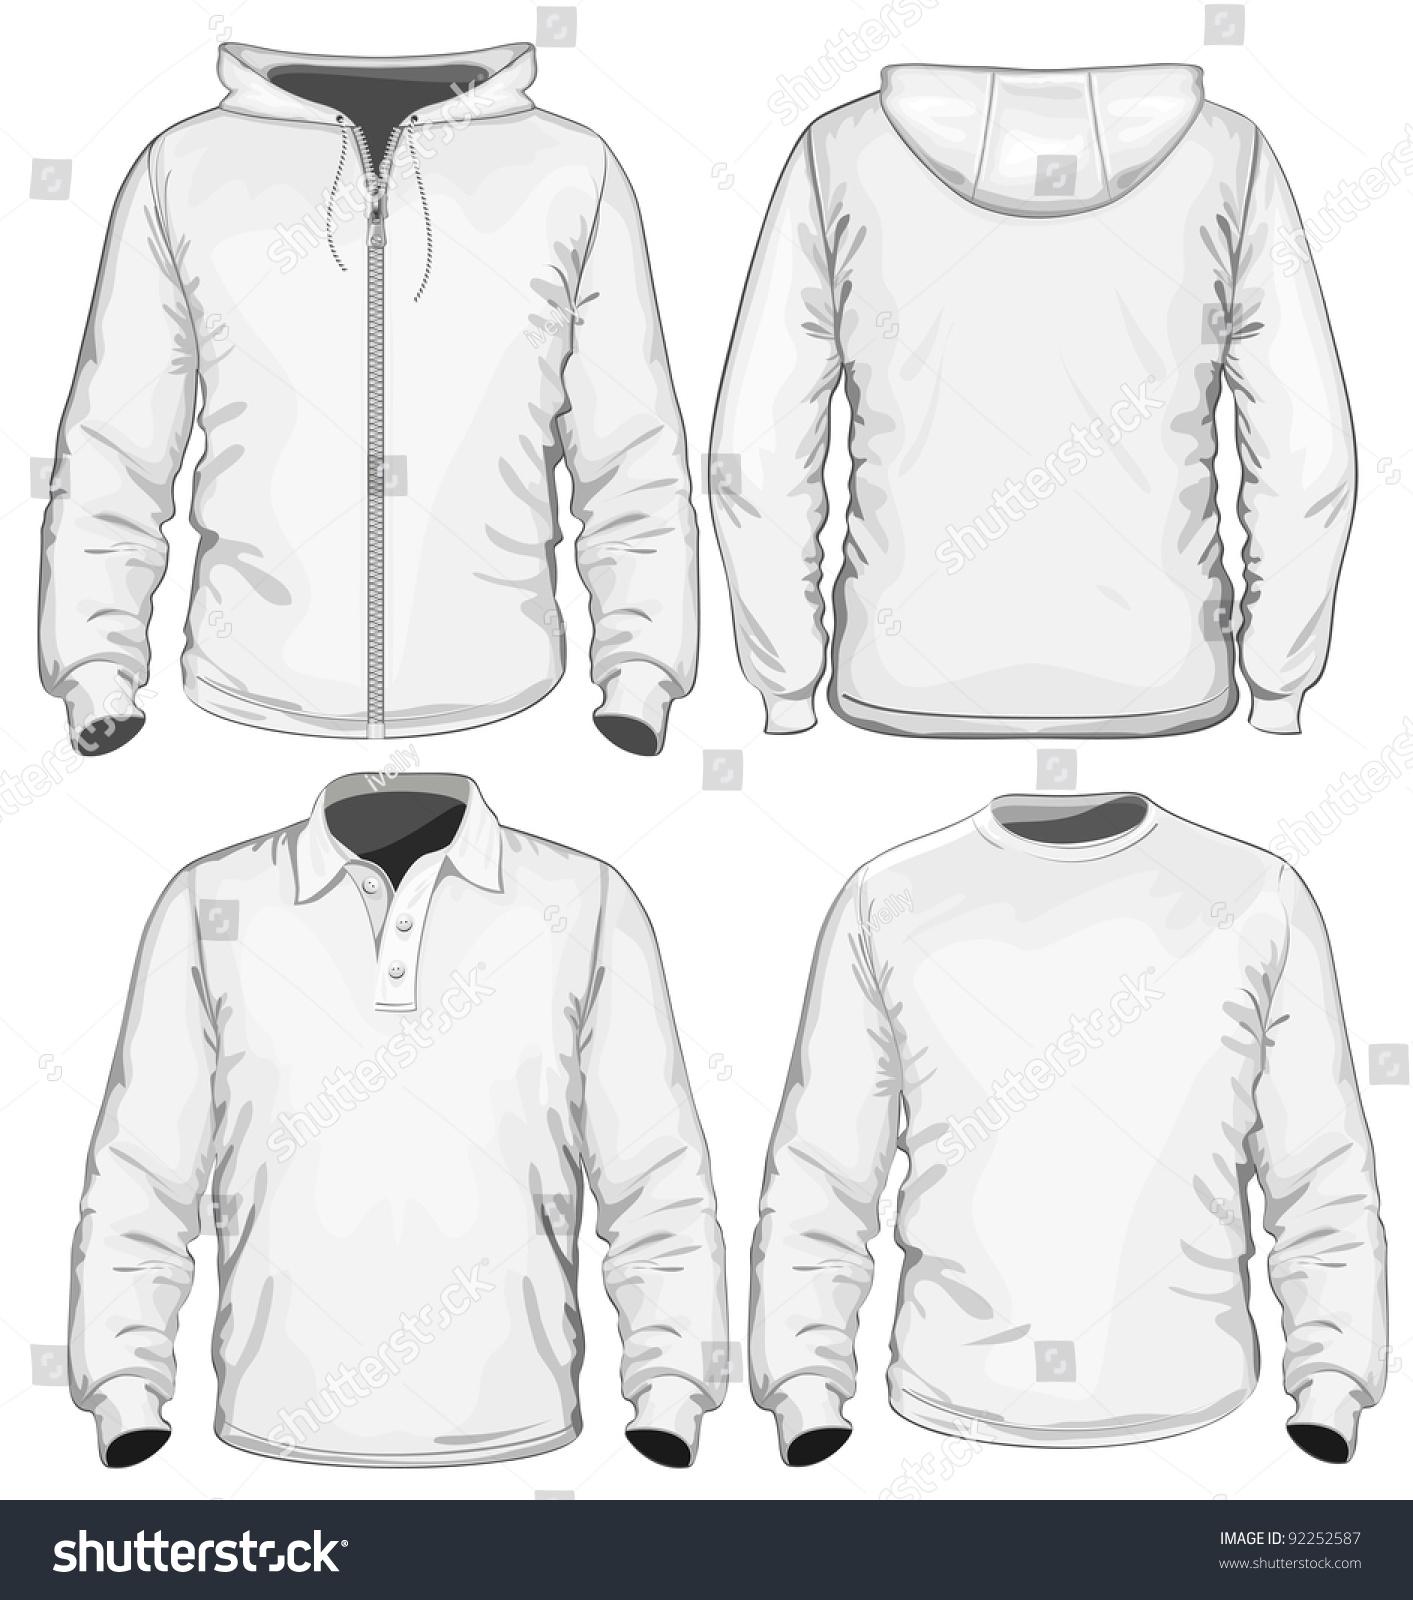 Shirt hoodie design - Men S Polo Shirt T Shirt And Sweatshirt Long